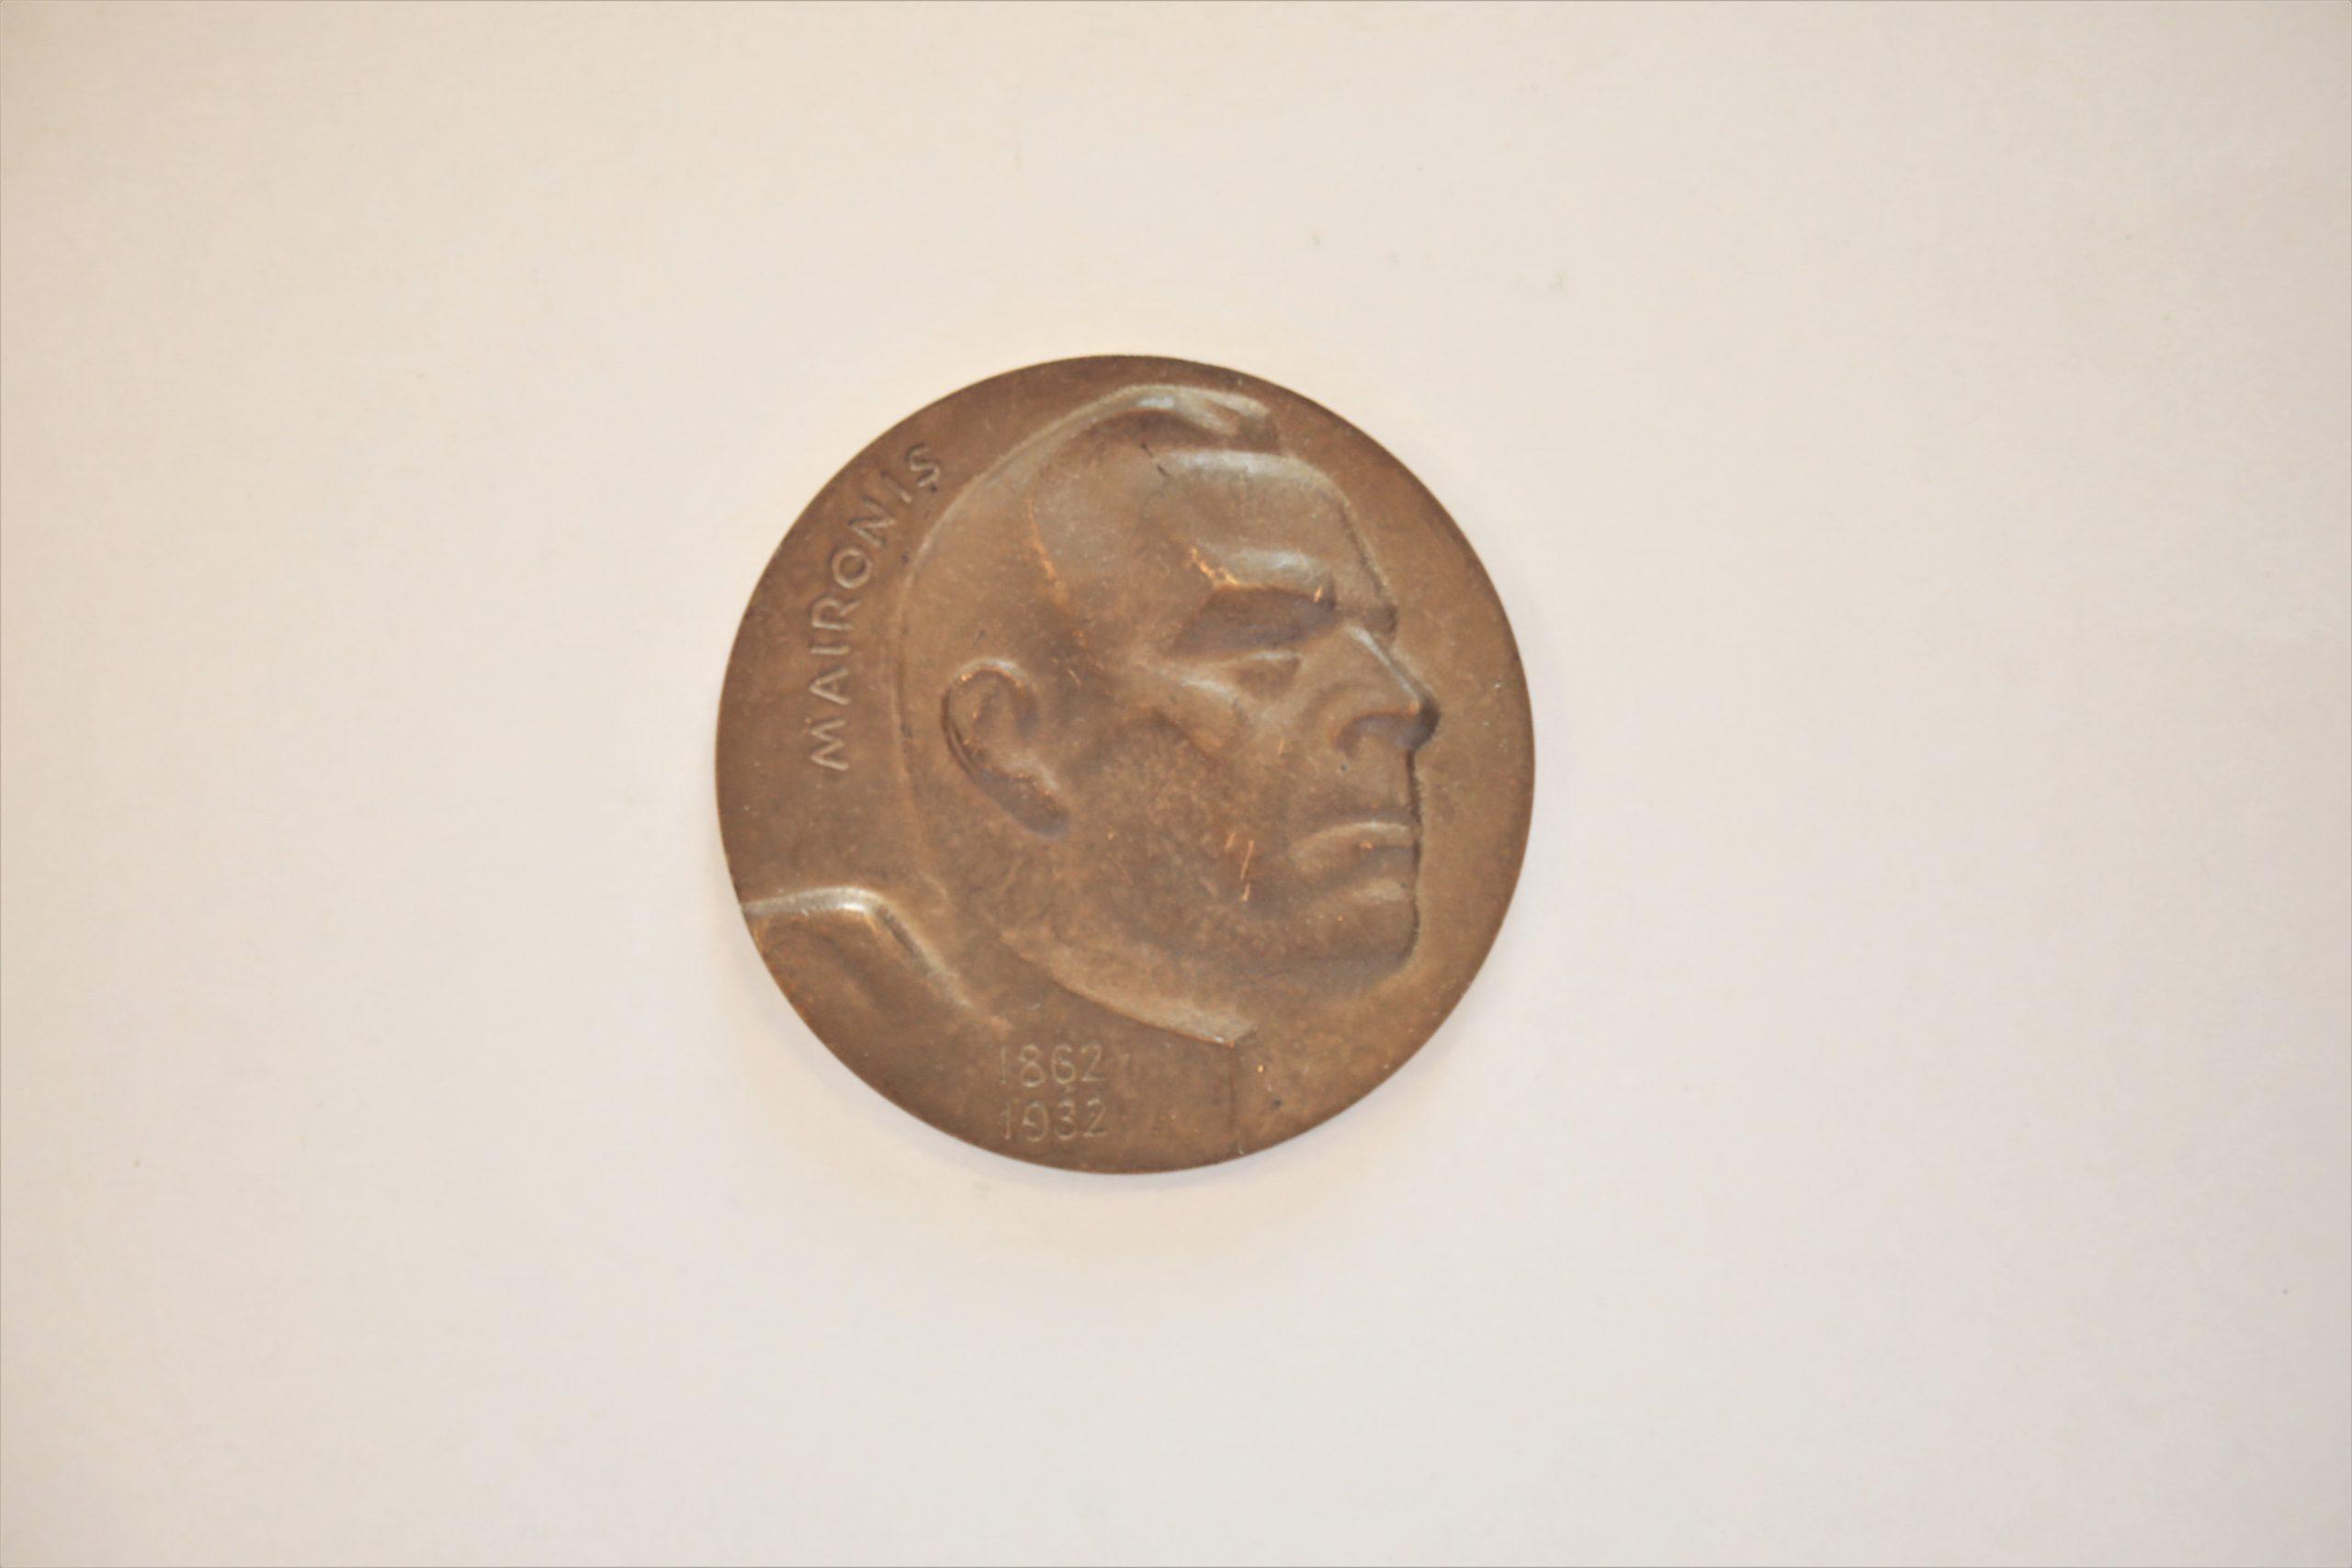 Medalis. Maironis. Aversas. Metalas. Dail. G. Jokūbonis